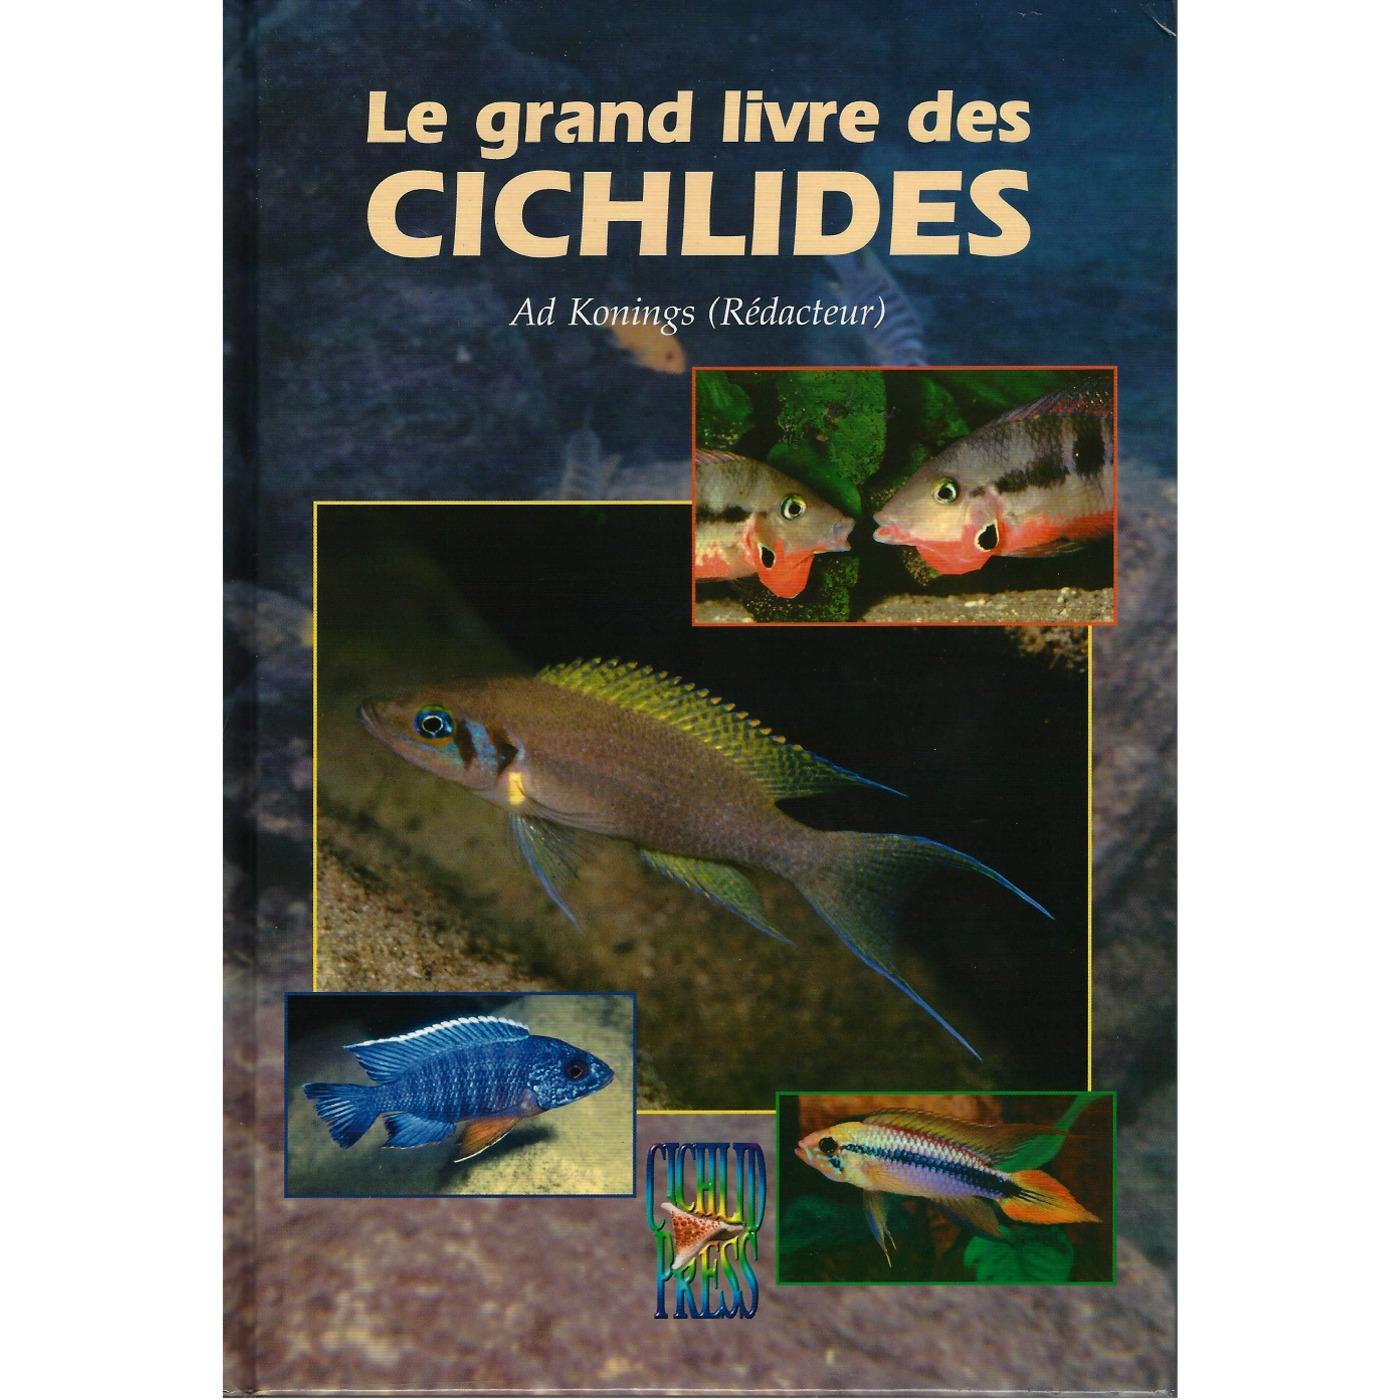 Le grand livre des Cichlidés - Guide complet sur la maintenance de Cichlidés en aquarium